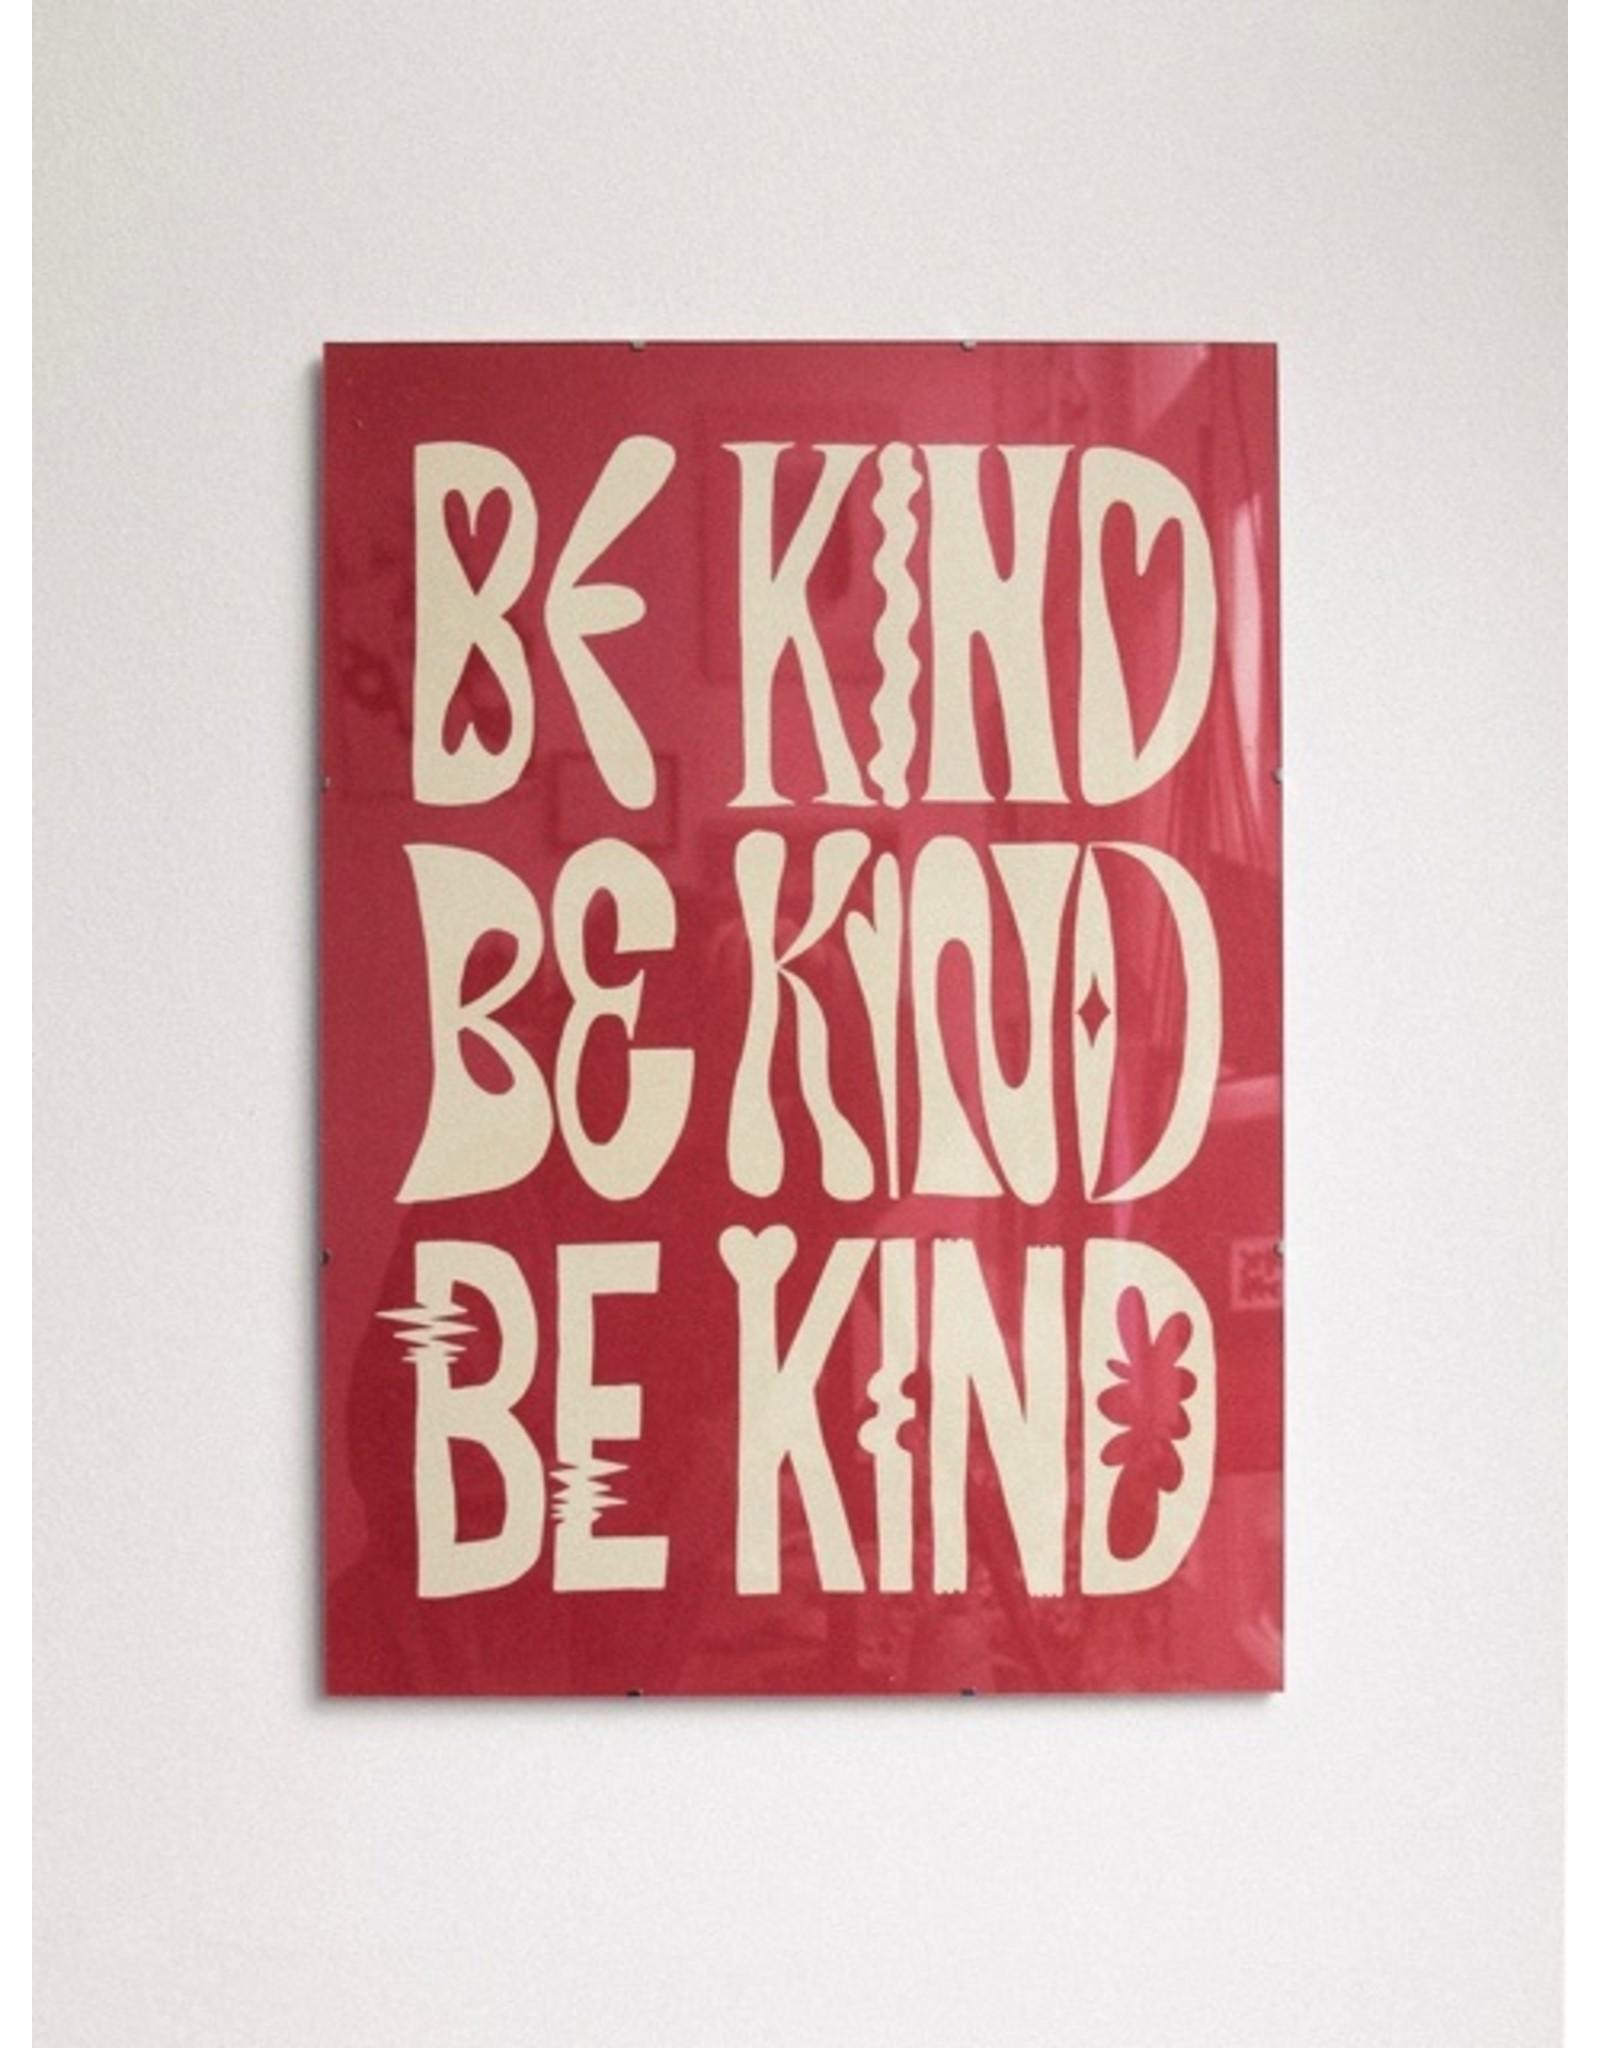 Glitterstudio Glitterstudio - Be Kind, print A2